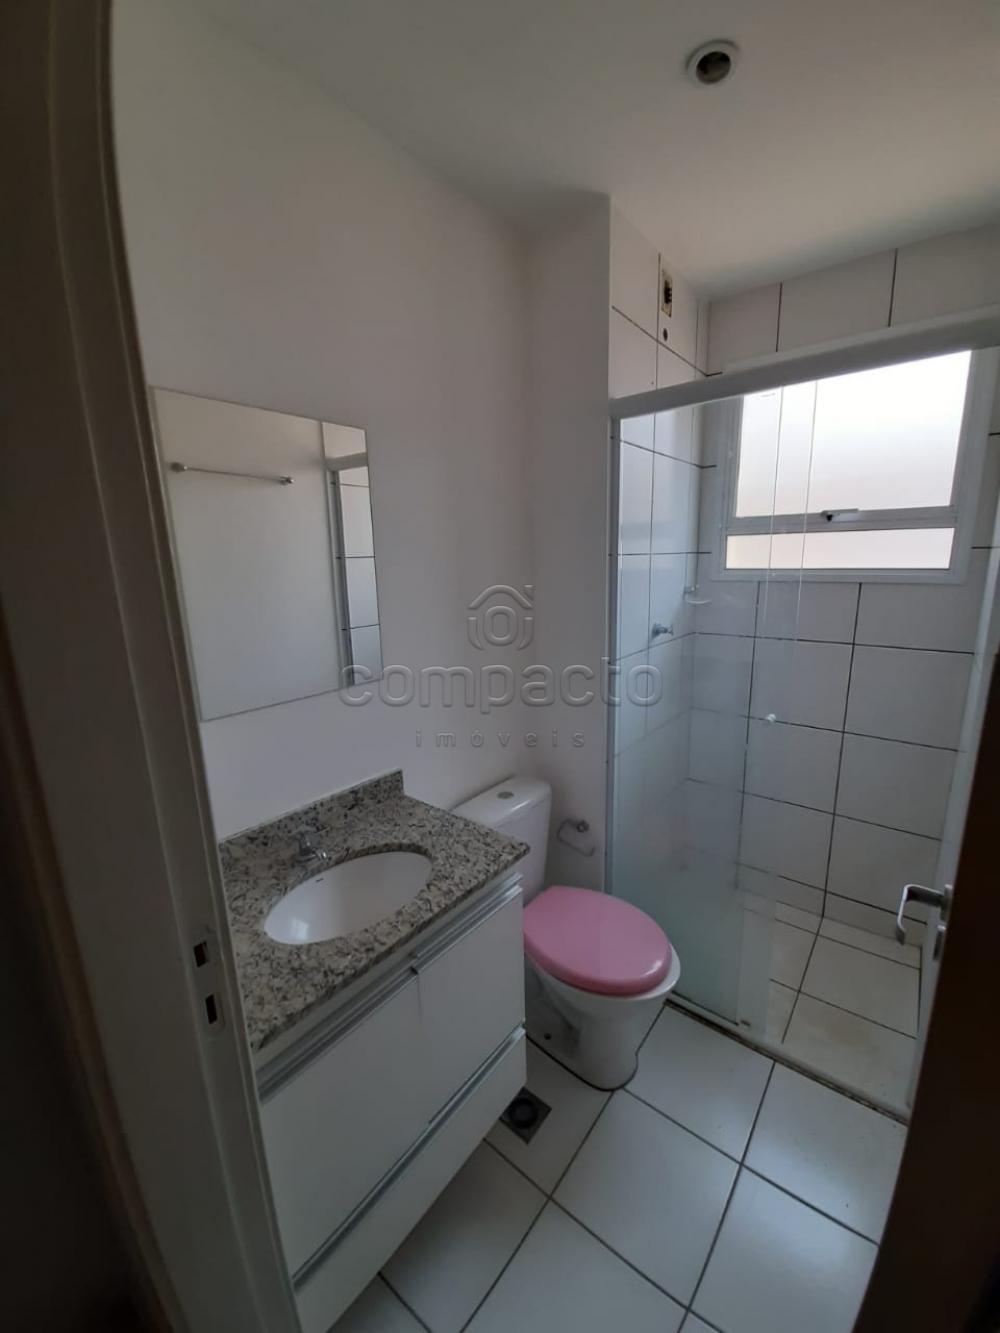 Alugar Apartamento / Padrão em São José do Rio Preto apenas R$ 1.150,00 - Foto 9